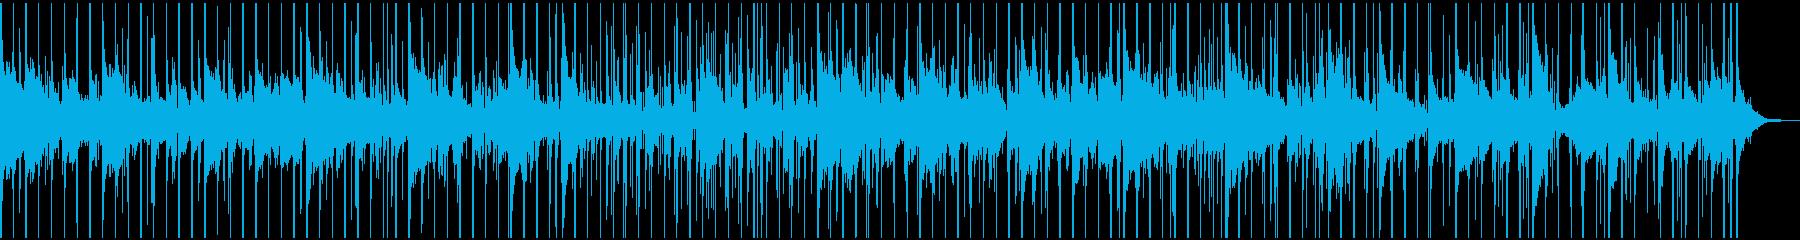 謎解き、推理中、ミステリー調のBGMの再生済みの波形